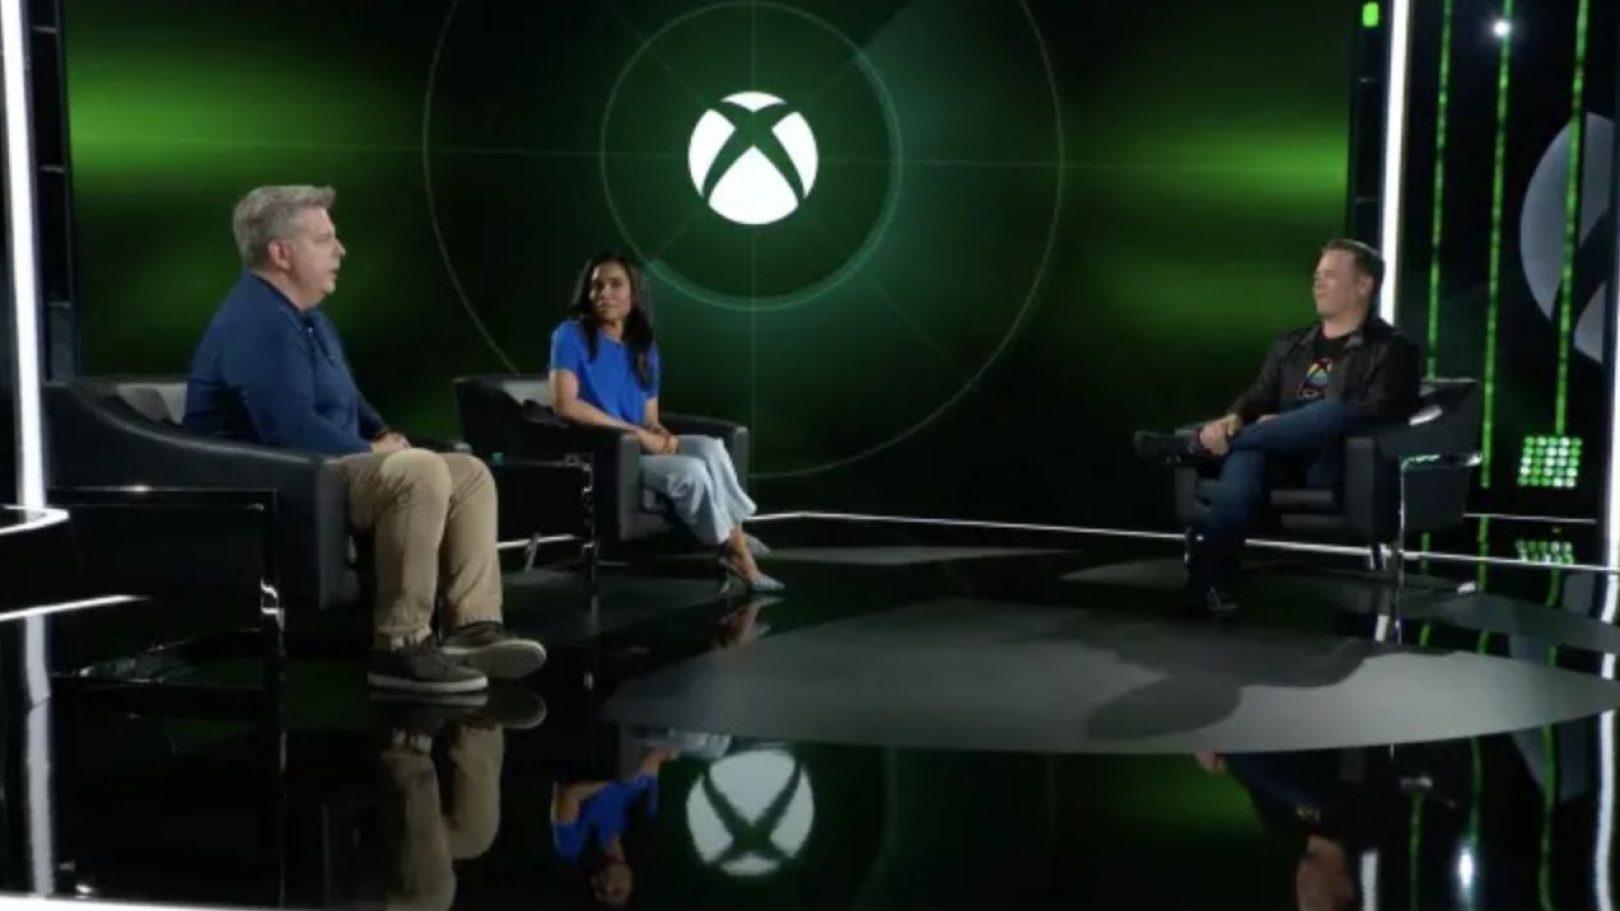 Xbox at E3 2021 Microsoft